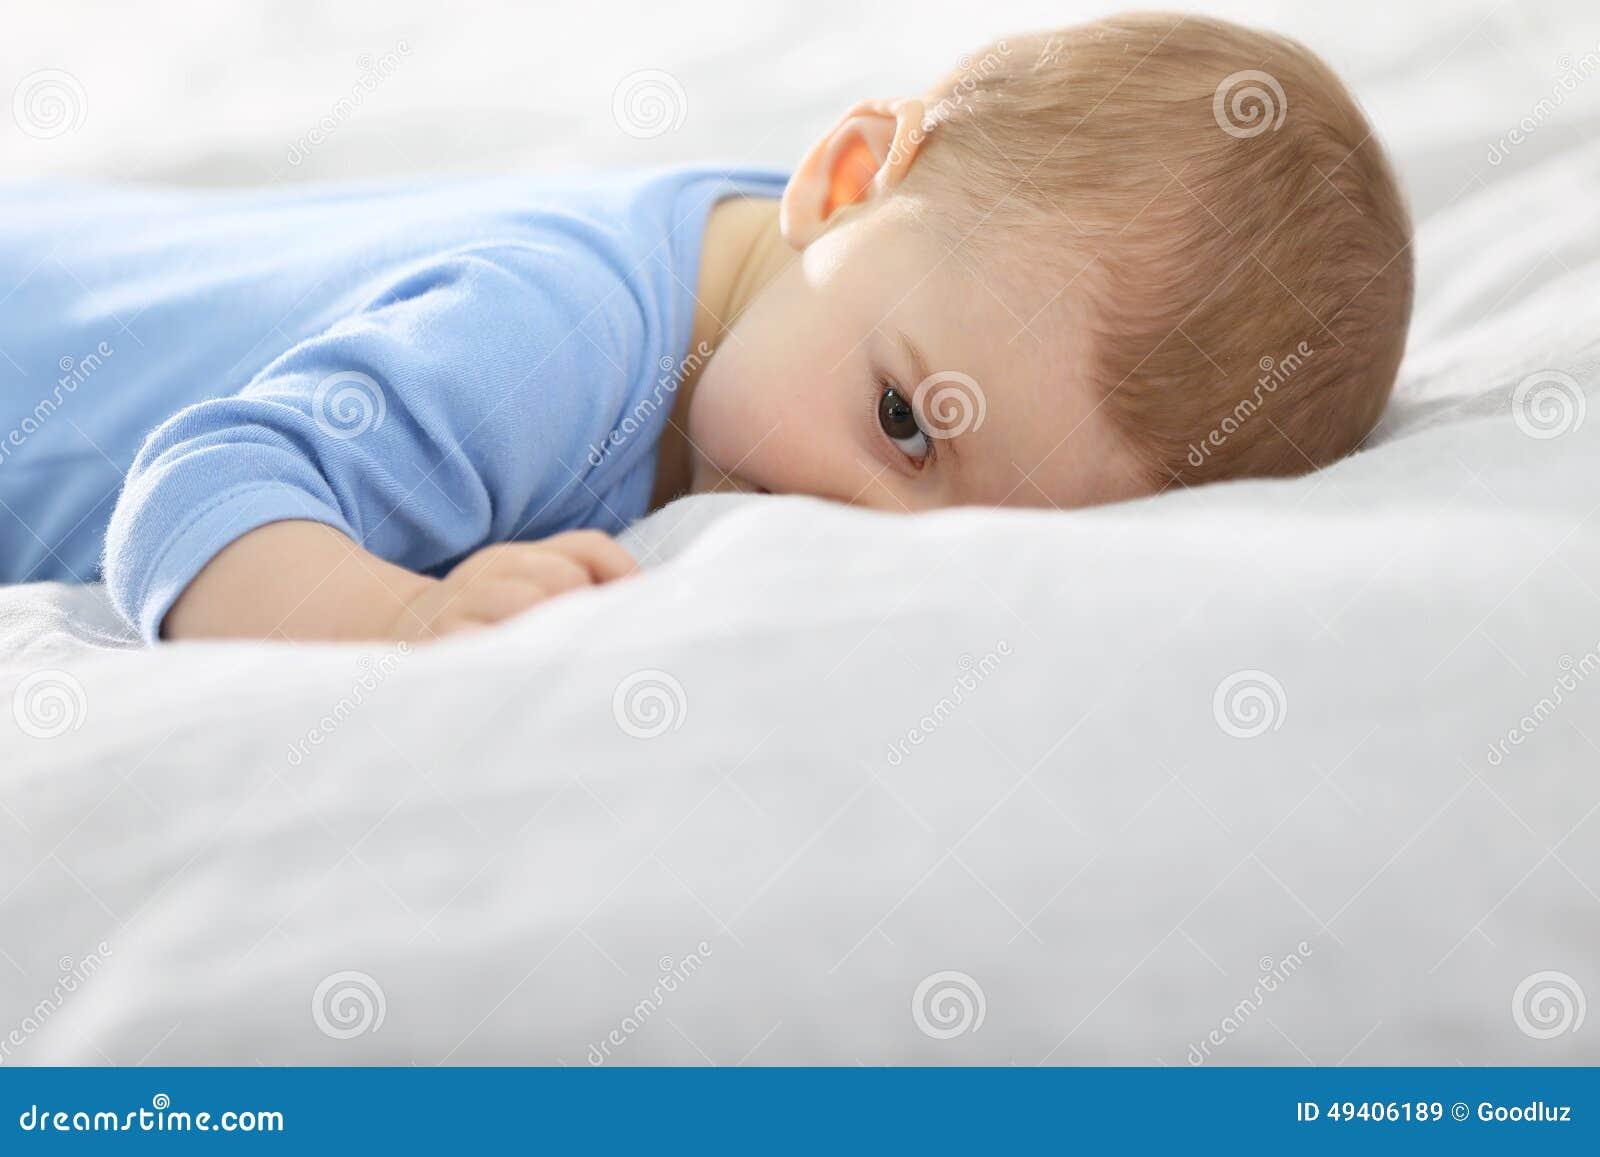 Download Baby, das auf Bett liegt stockbild. Bild von liebe, bett - 49406189